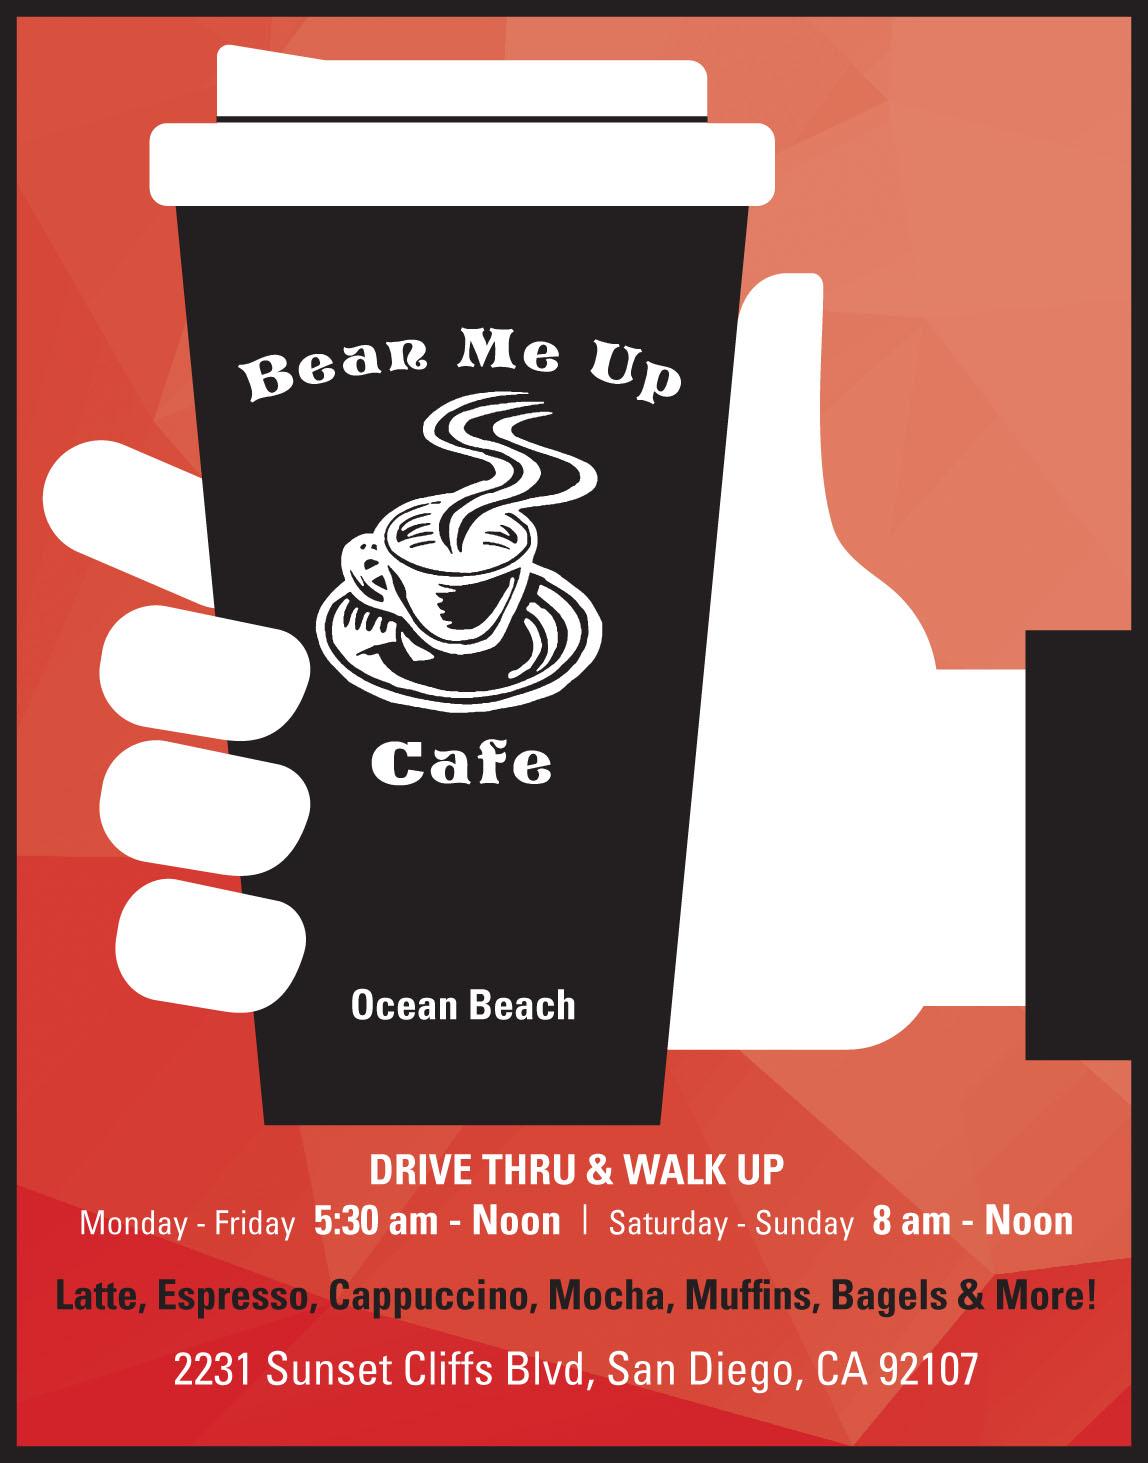 Bean Me Up 1-4 Ad.jpg